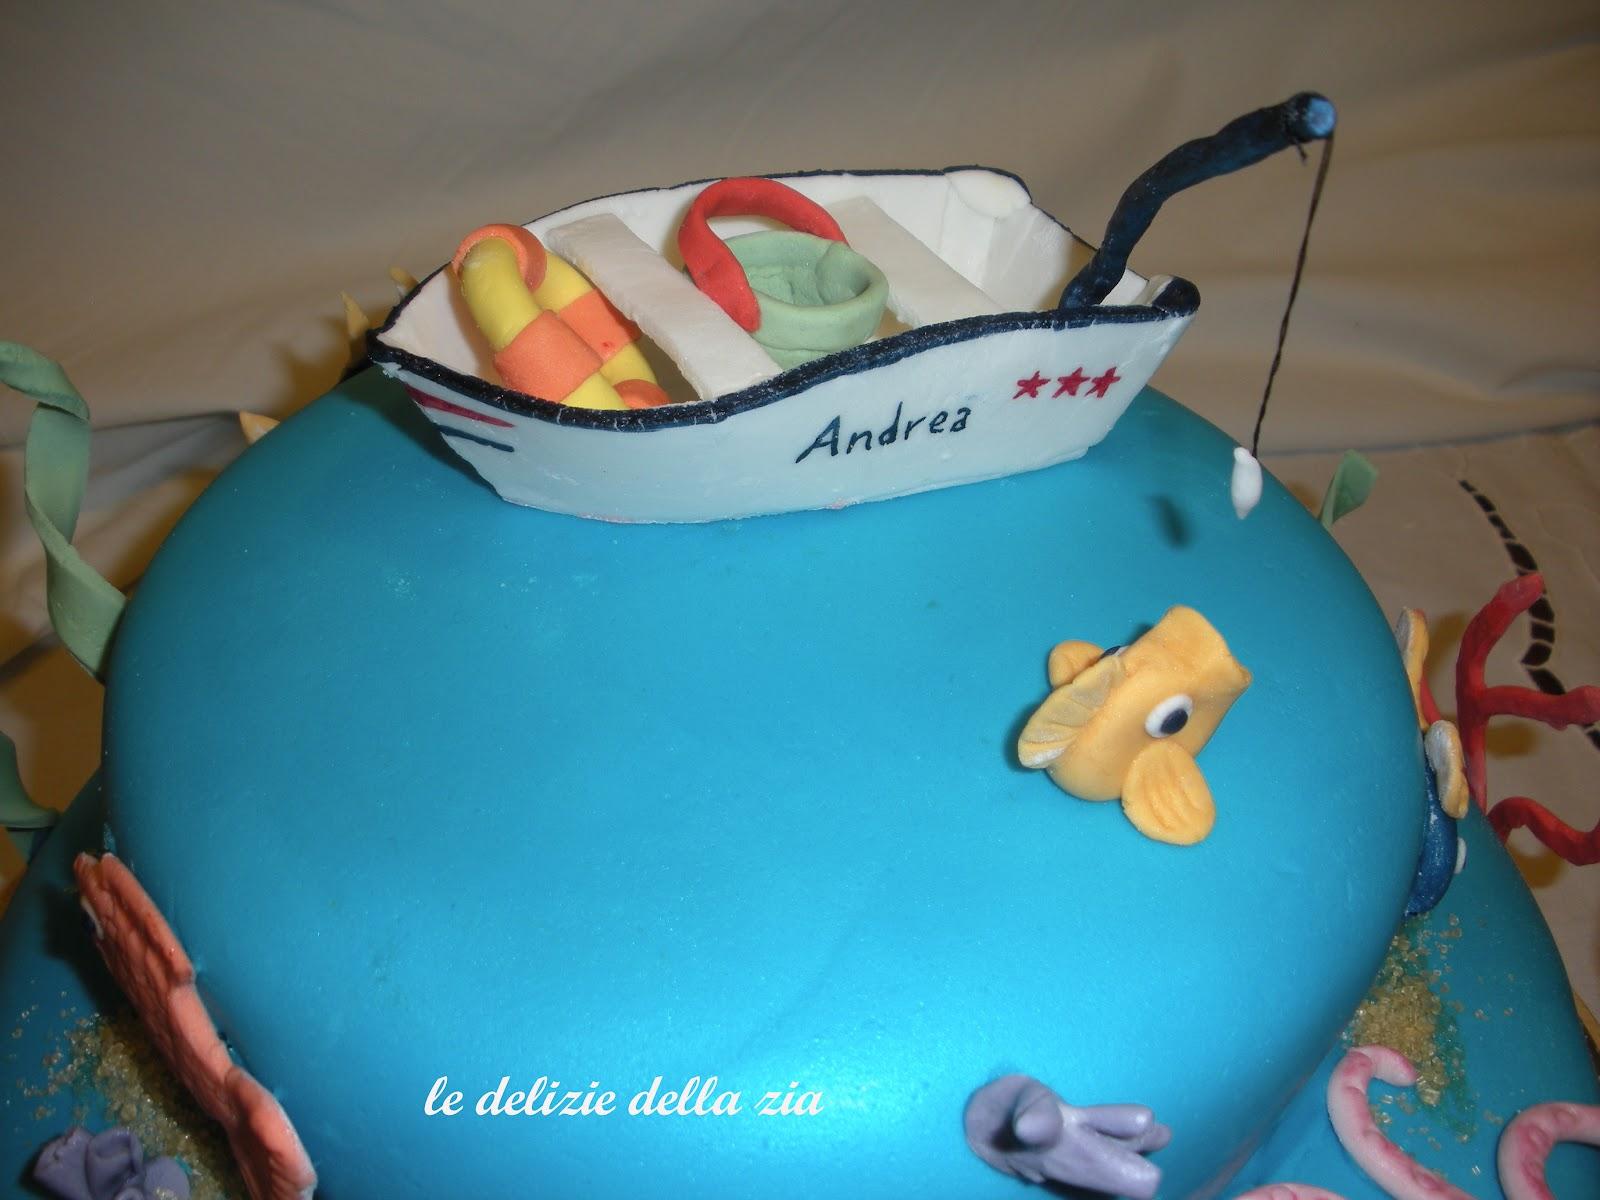 Le Delizie Della Zia La Torta Di Andrea